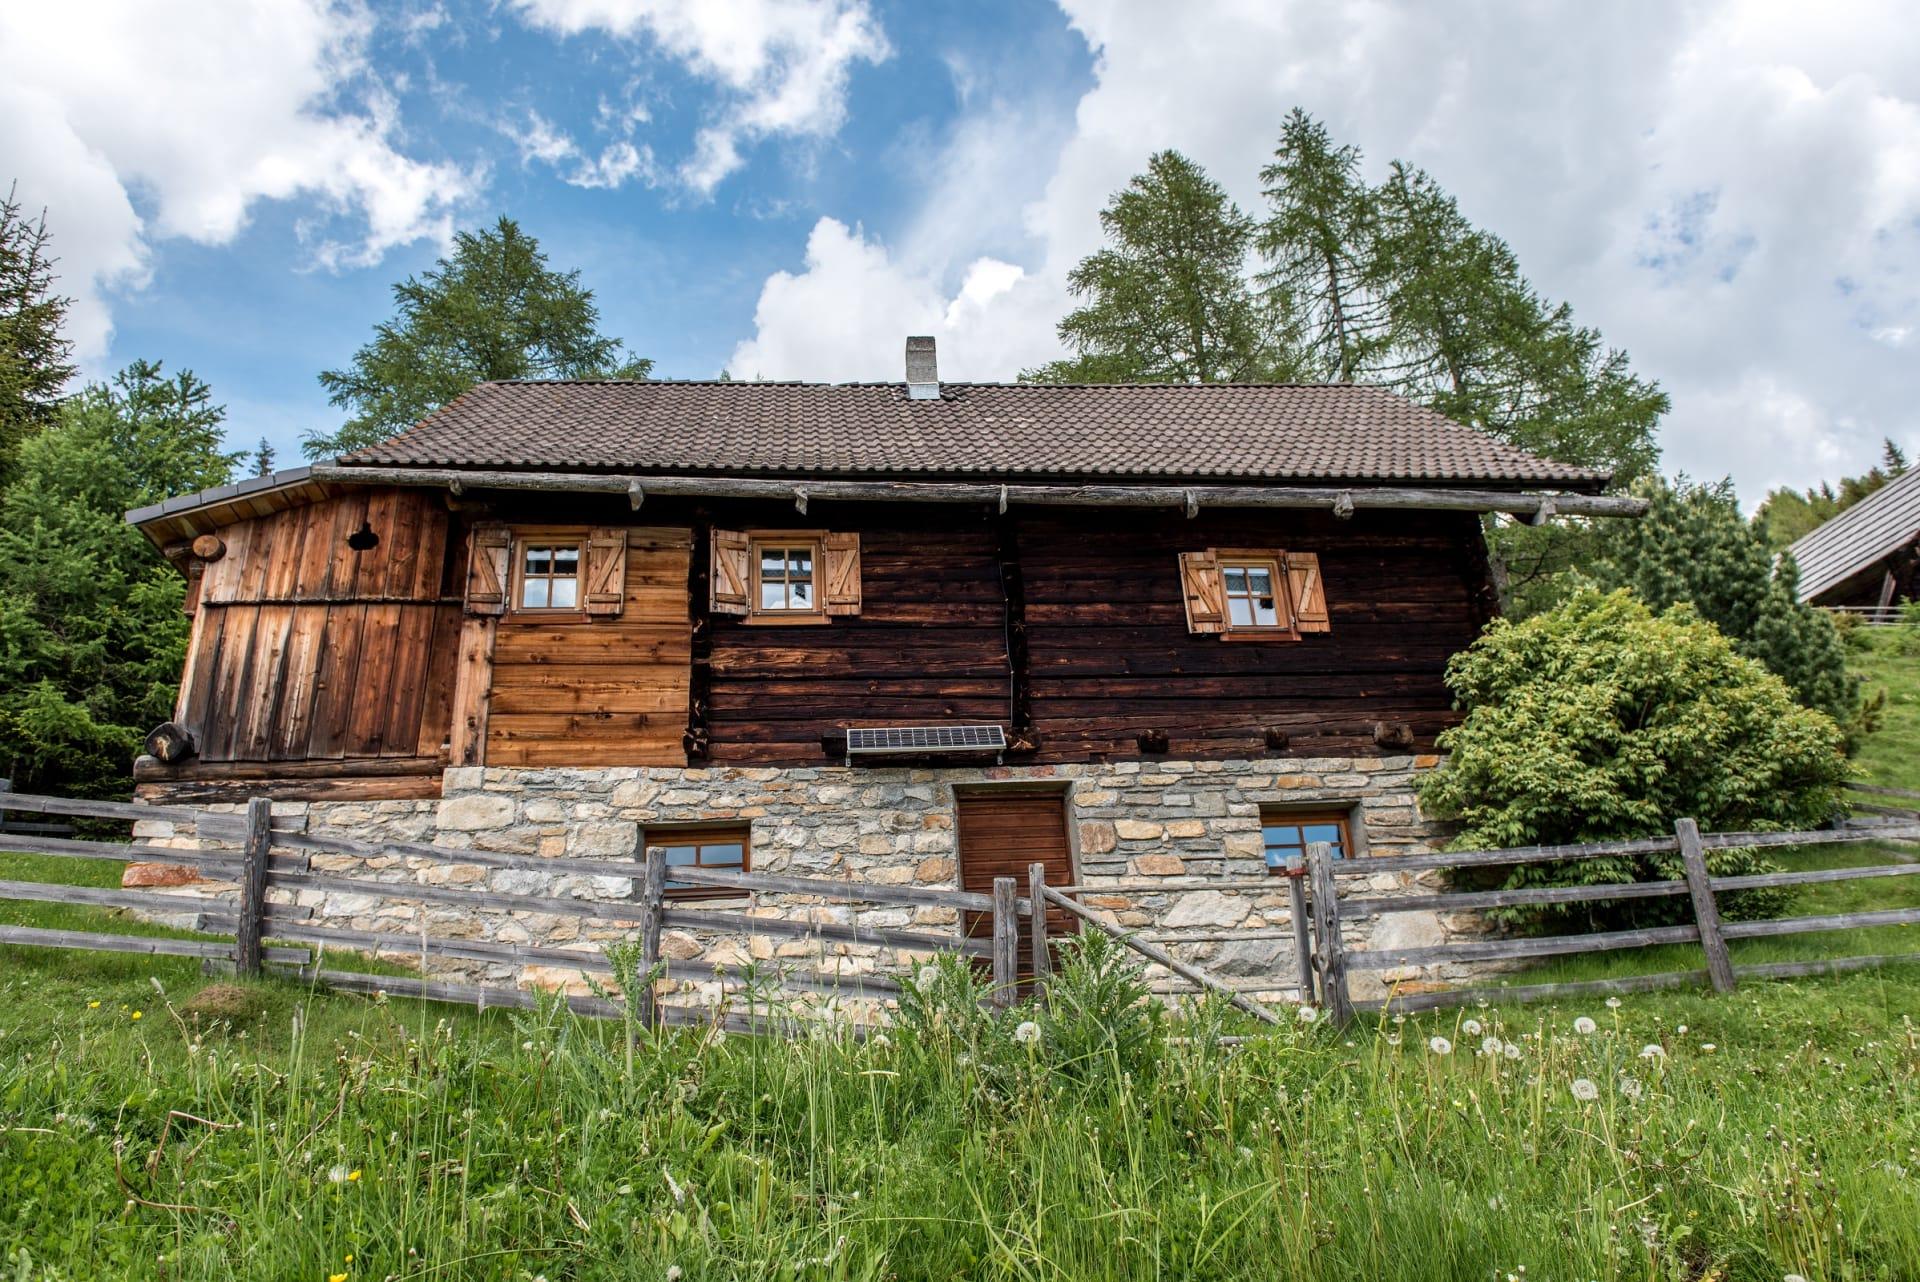 Jörglbauerhütte